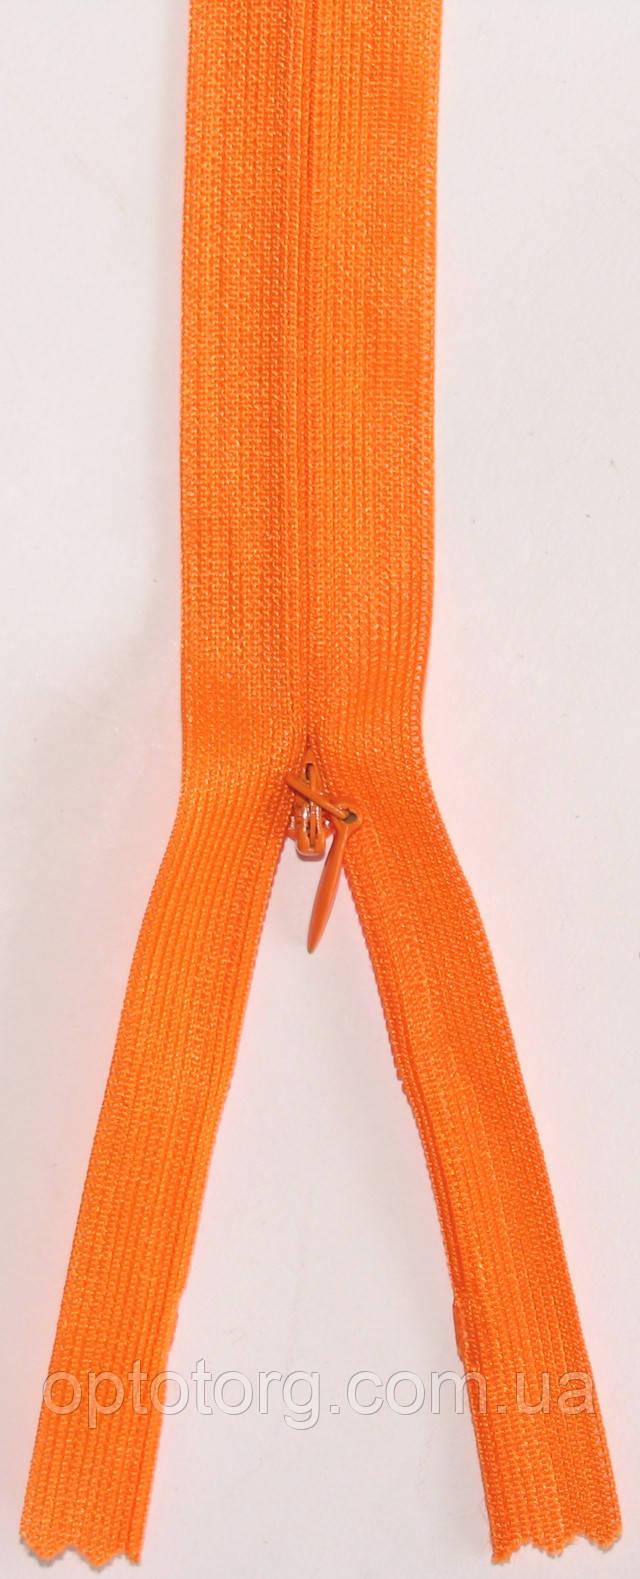 Потайная молния 50см неразъемная оранжевого цвета оптом от optotorg.com.ua